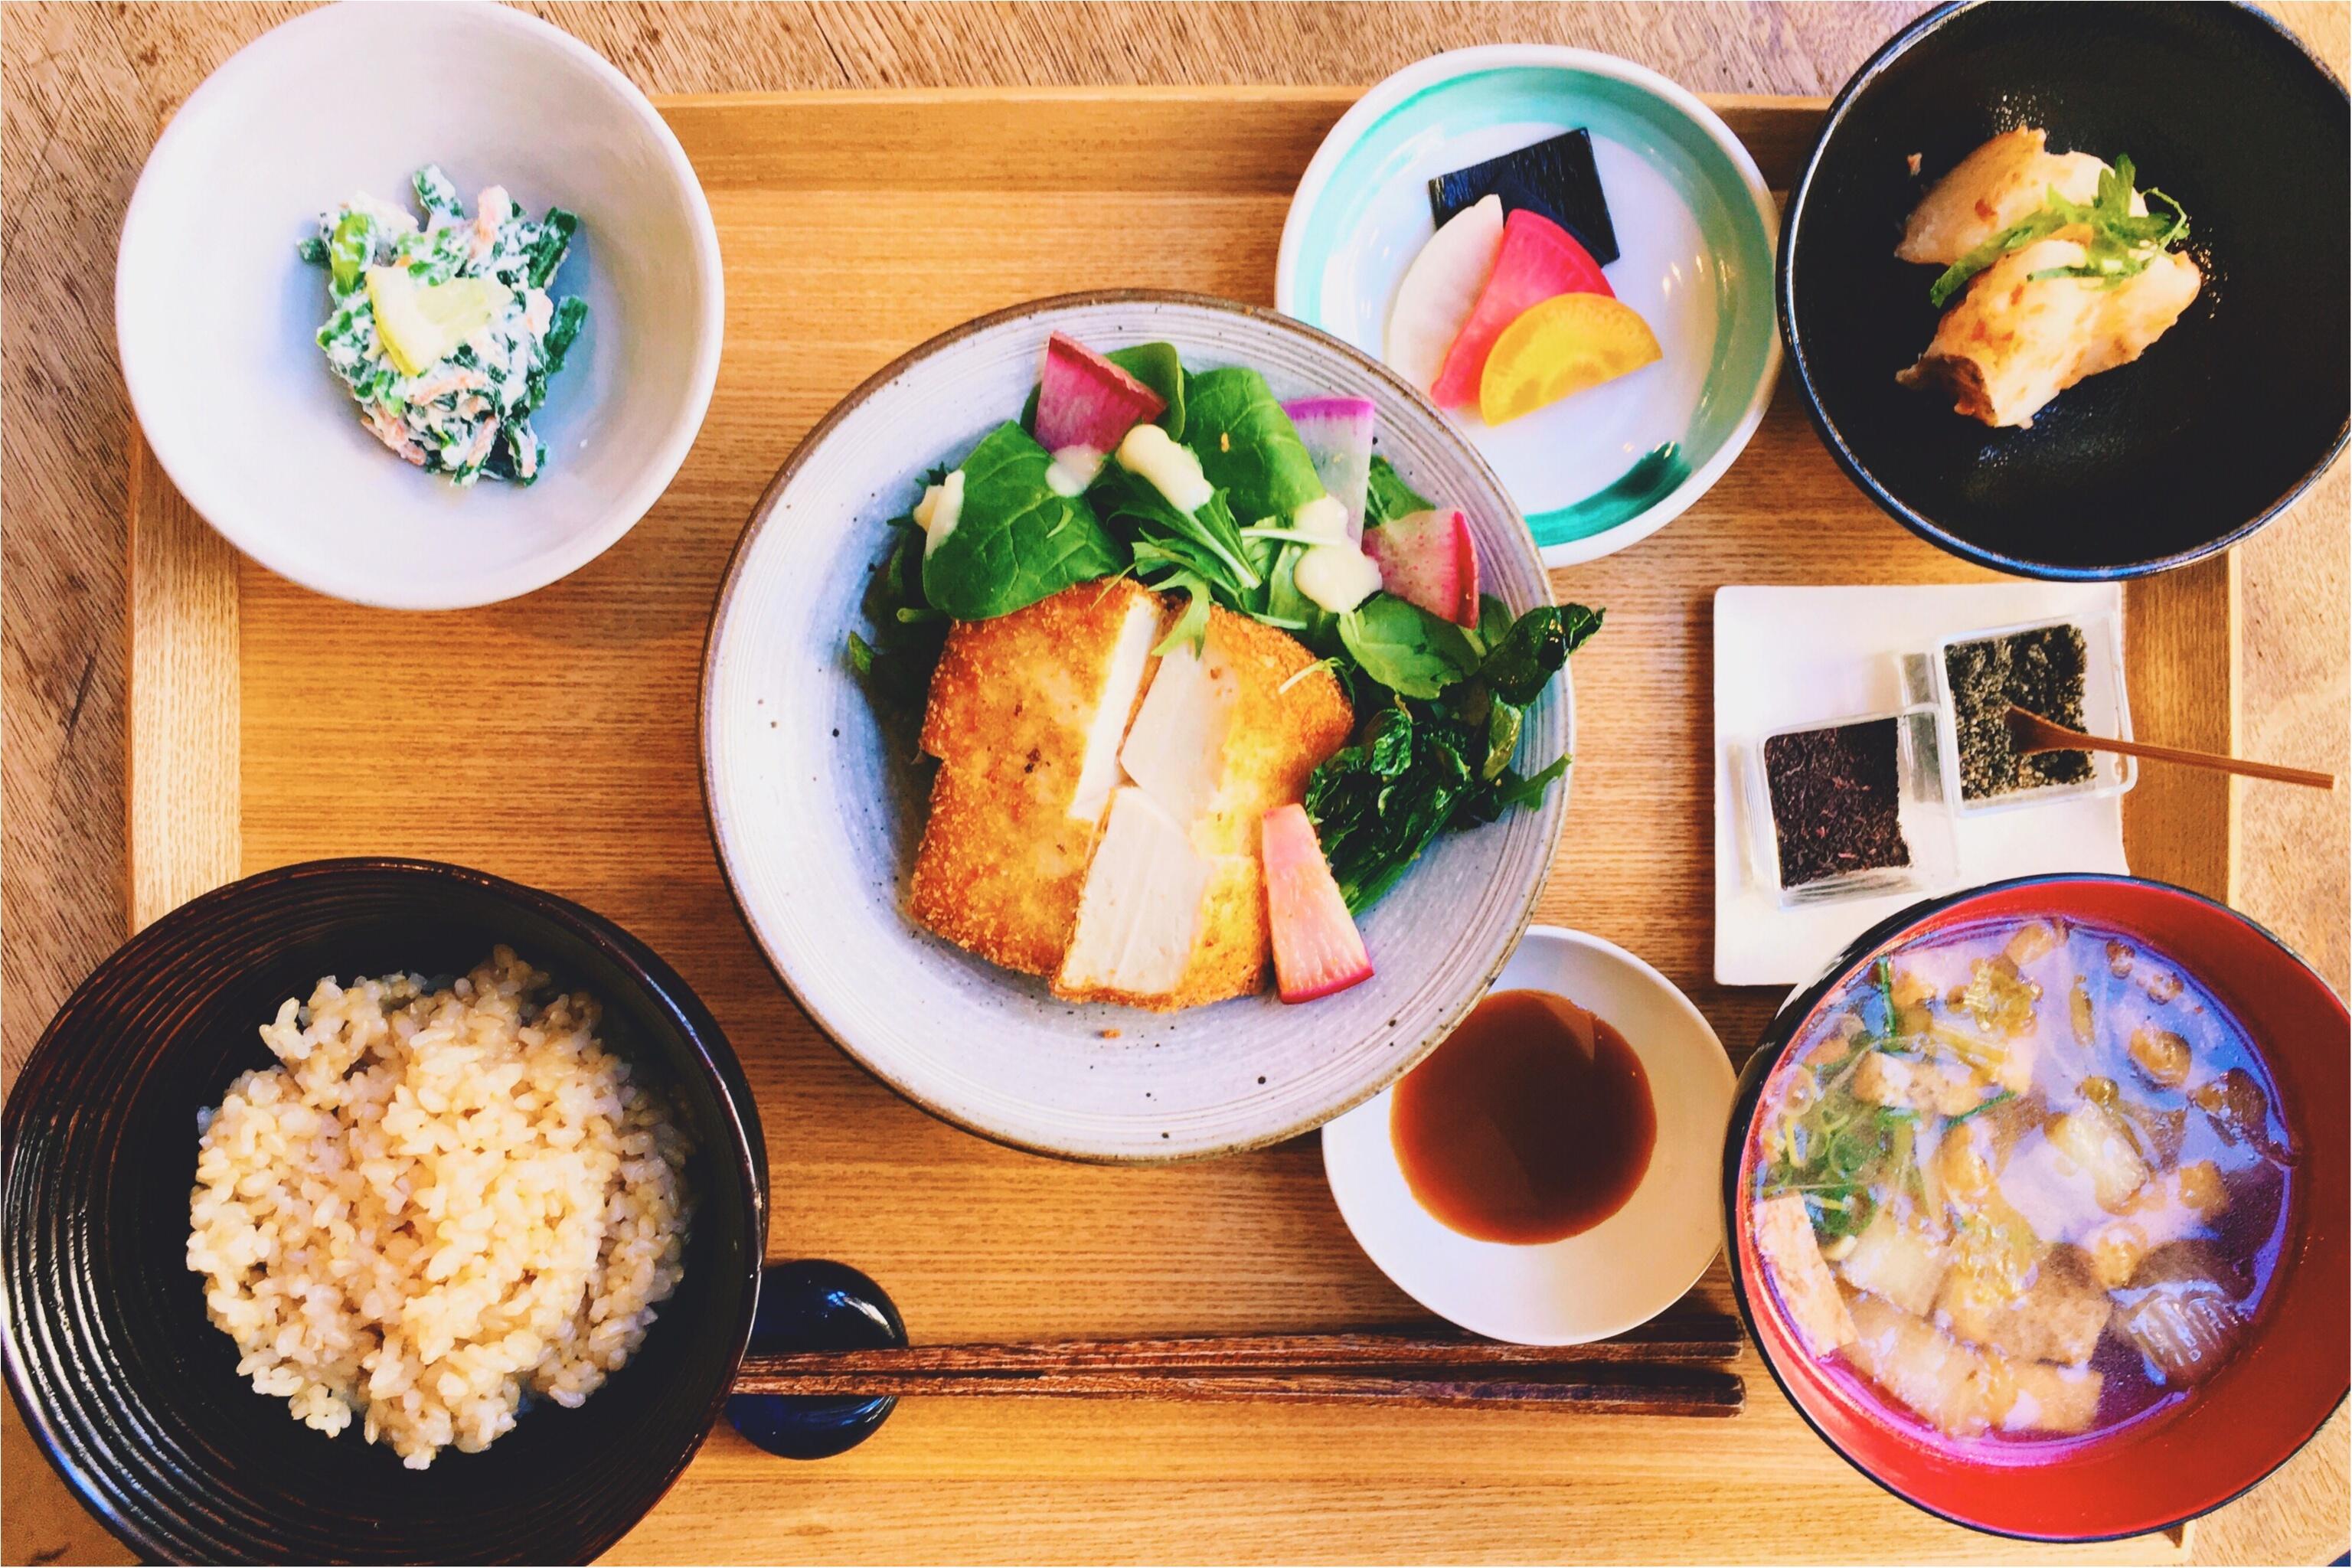 からだにいいもの☆美味しいもの☆表参道の玄米菜食を楽しめるお店!【モアハピ部:まな】_1